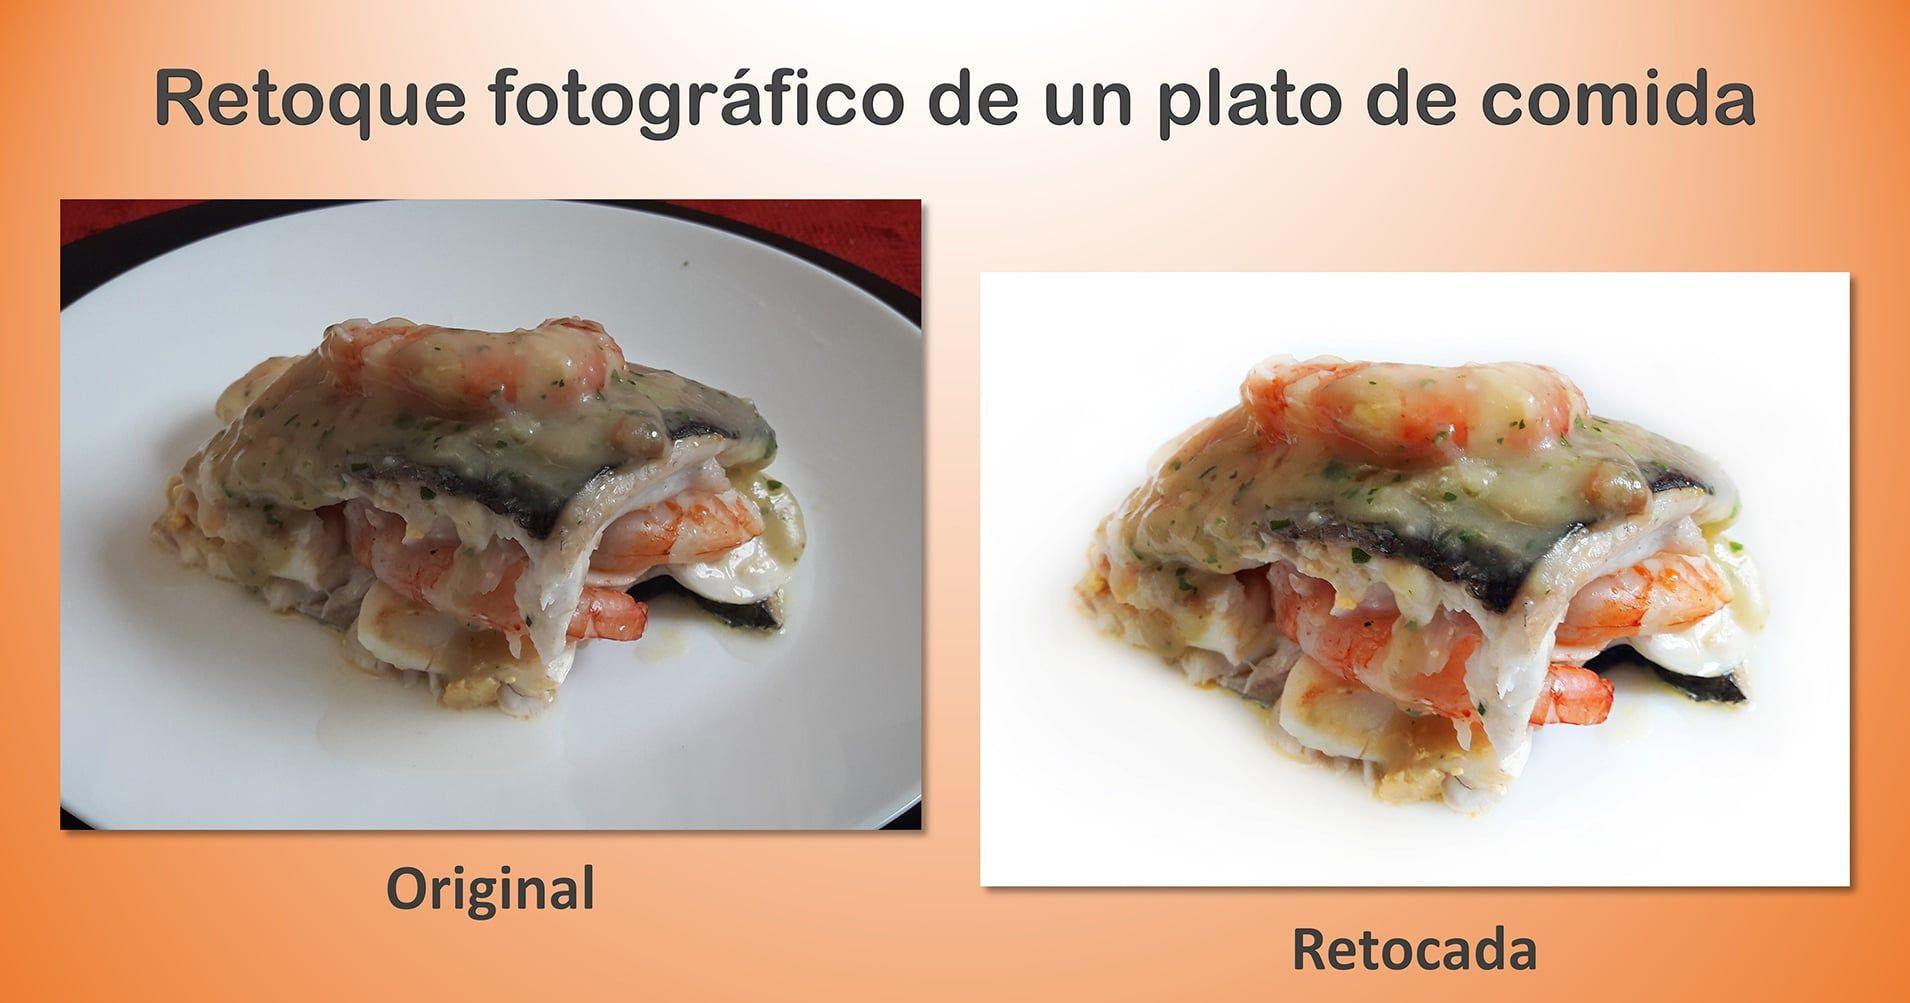 retoque-fotográfico-de-un-plato-de-comida-1910x1000